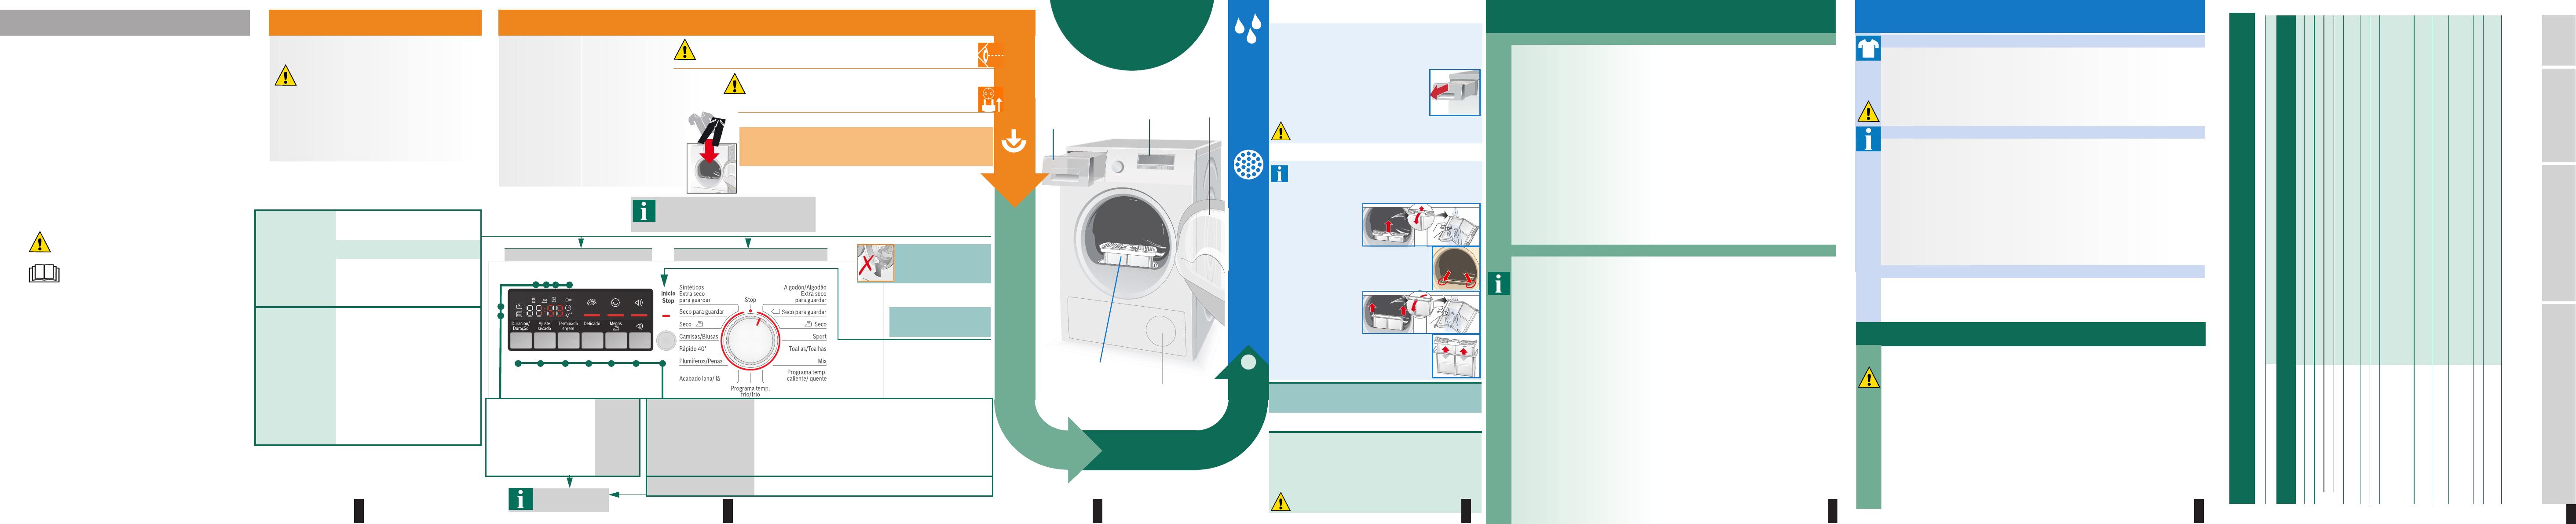 Lavadora que no desagua affordable interesting cool for Mi lavavajillas no desagua